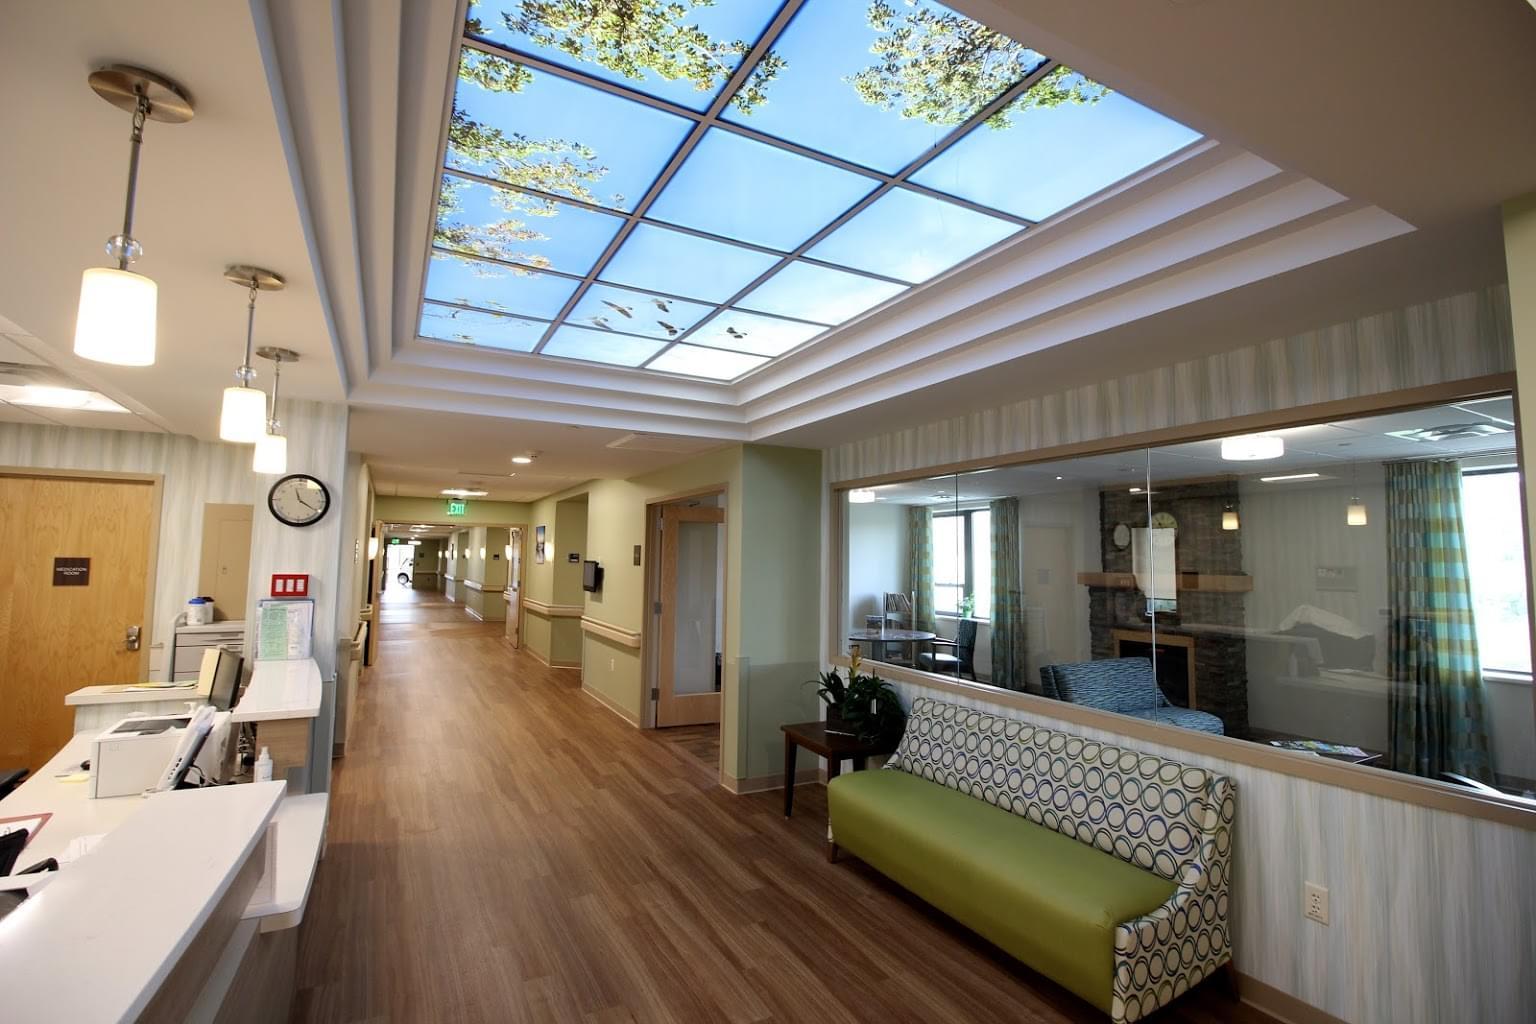 Homestead Rehabilitation and Health Care Center Newton, NJ Rehabilitation Center hallway nurses desk sky light